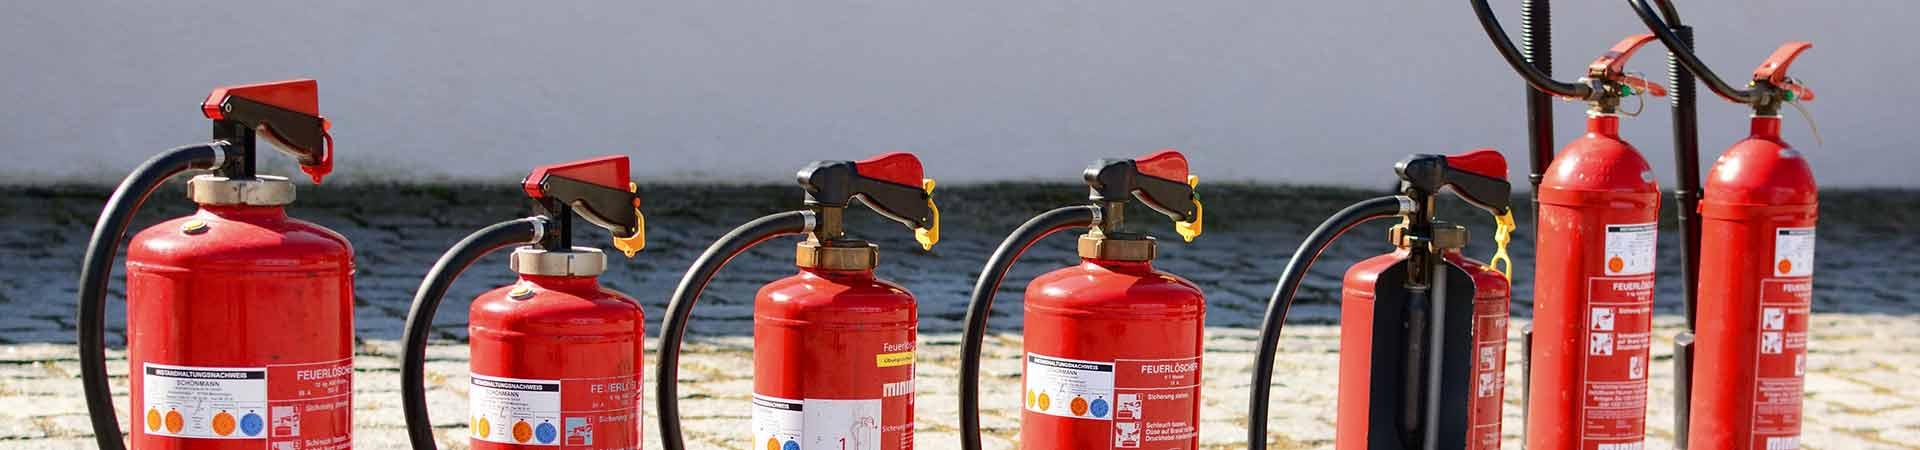 Brandschutzausbildung bei UPGRADE.EU GmbH